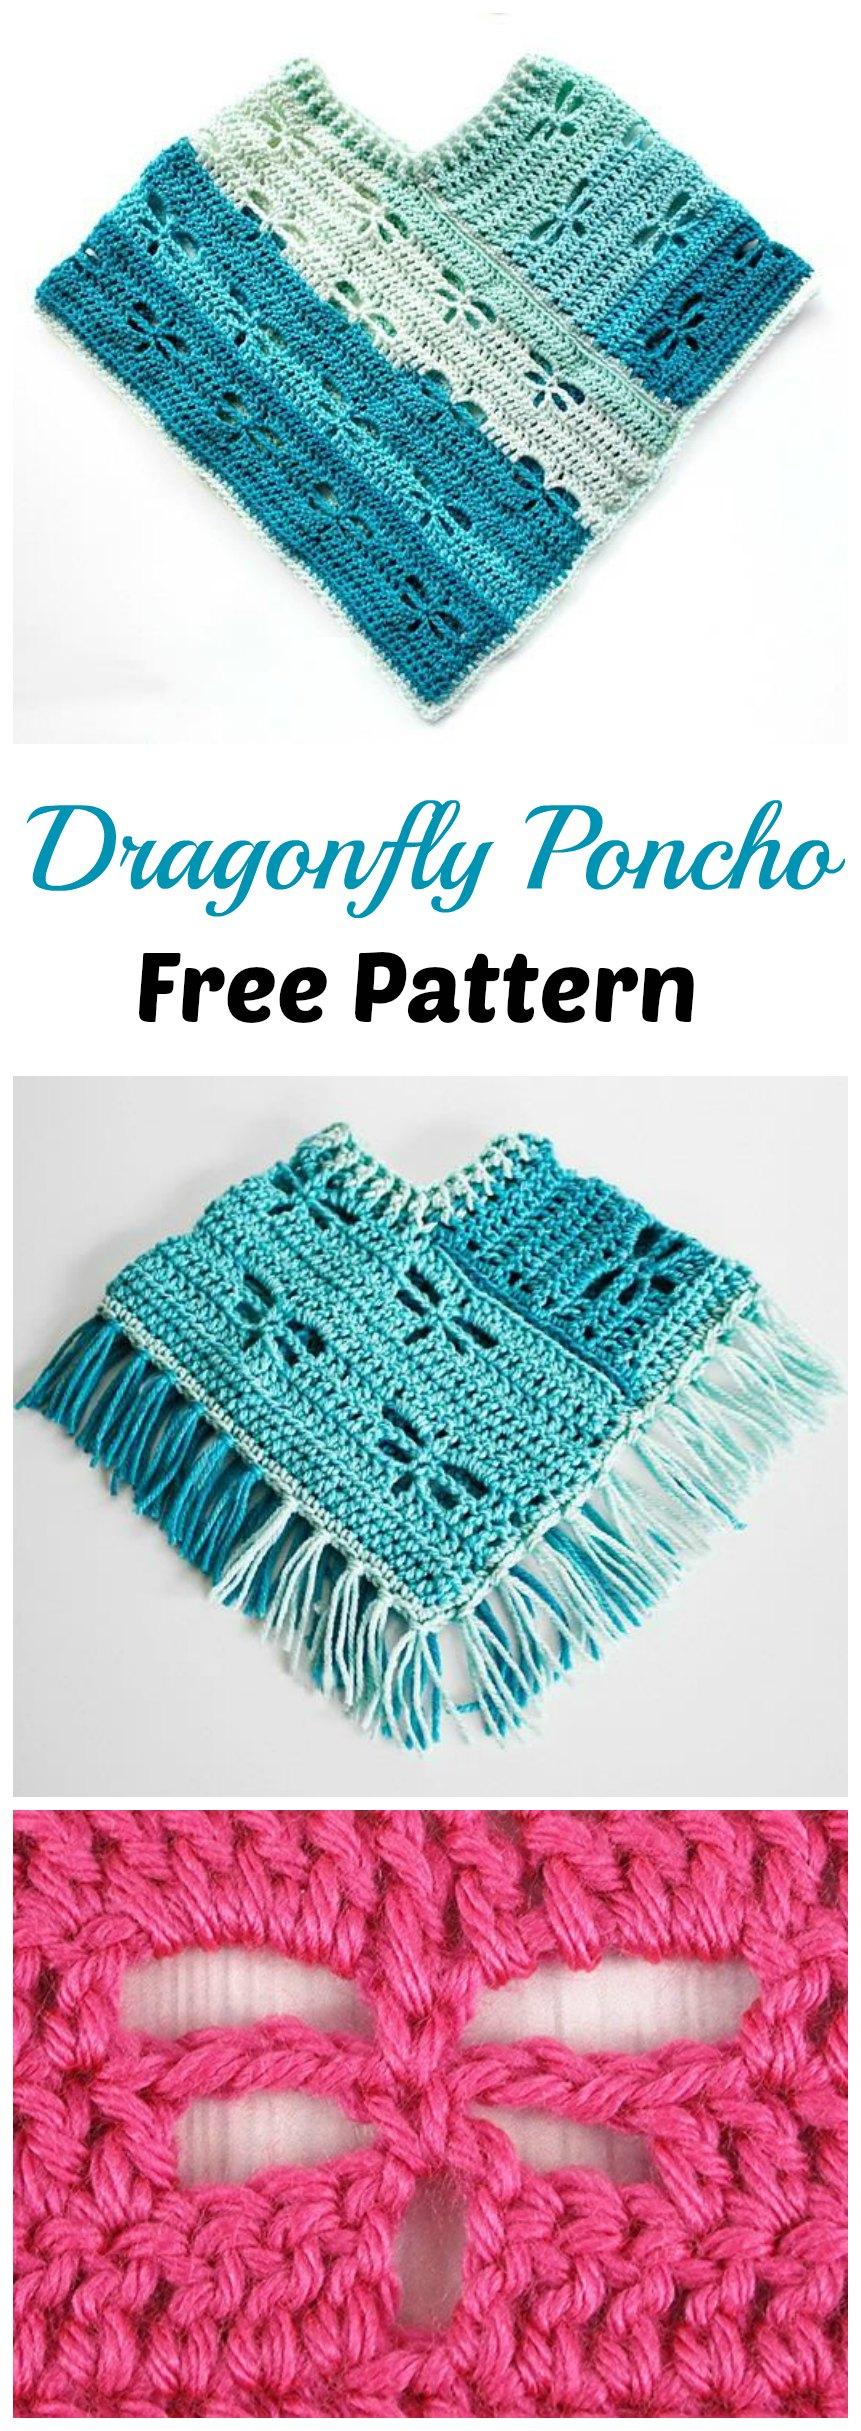 Crochet Dragonfly Poncho Pretty Ideas